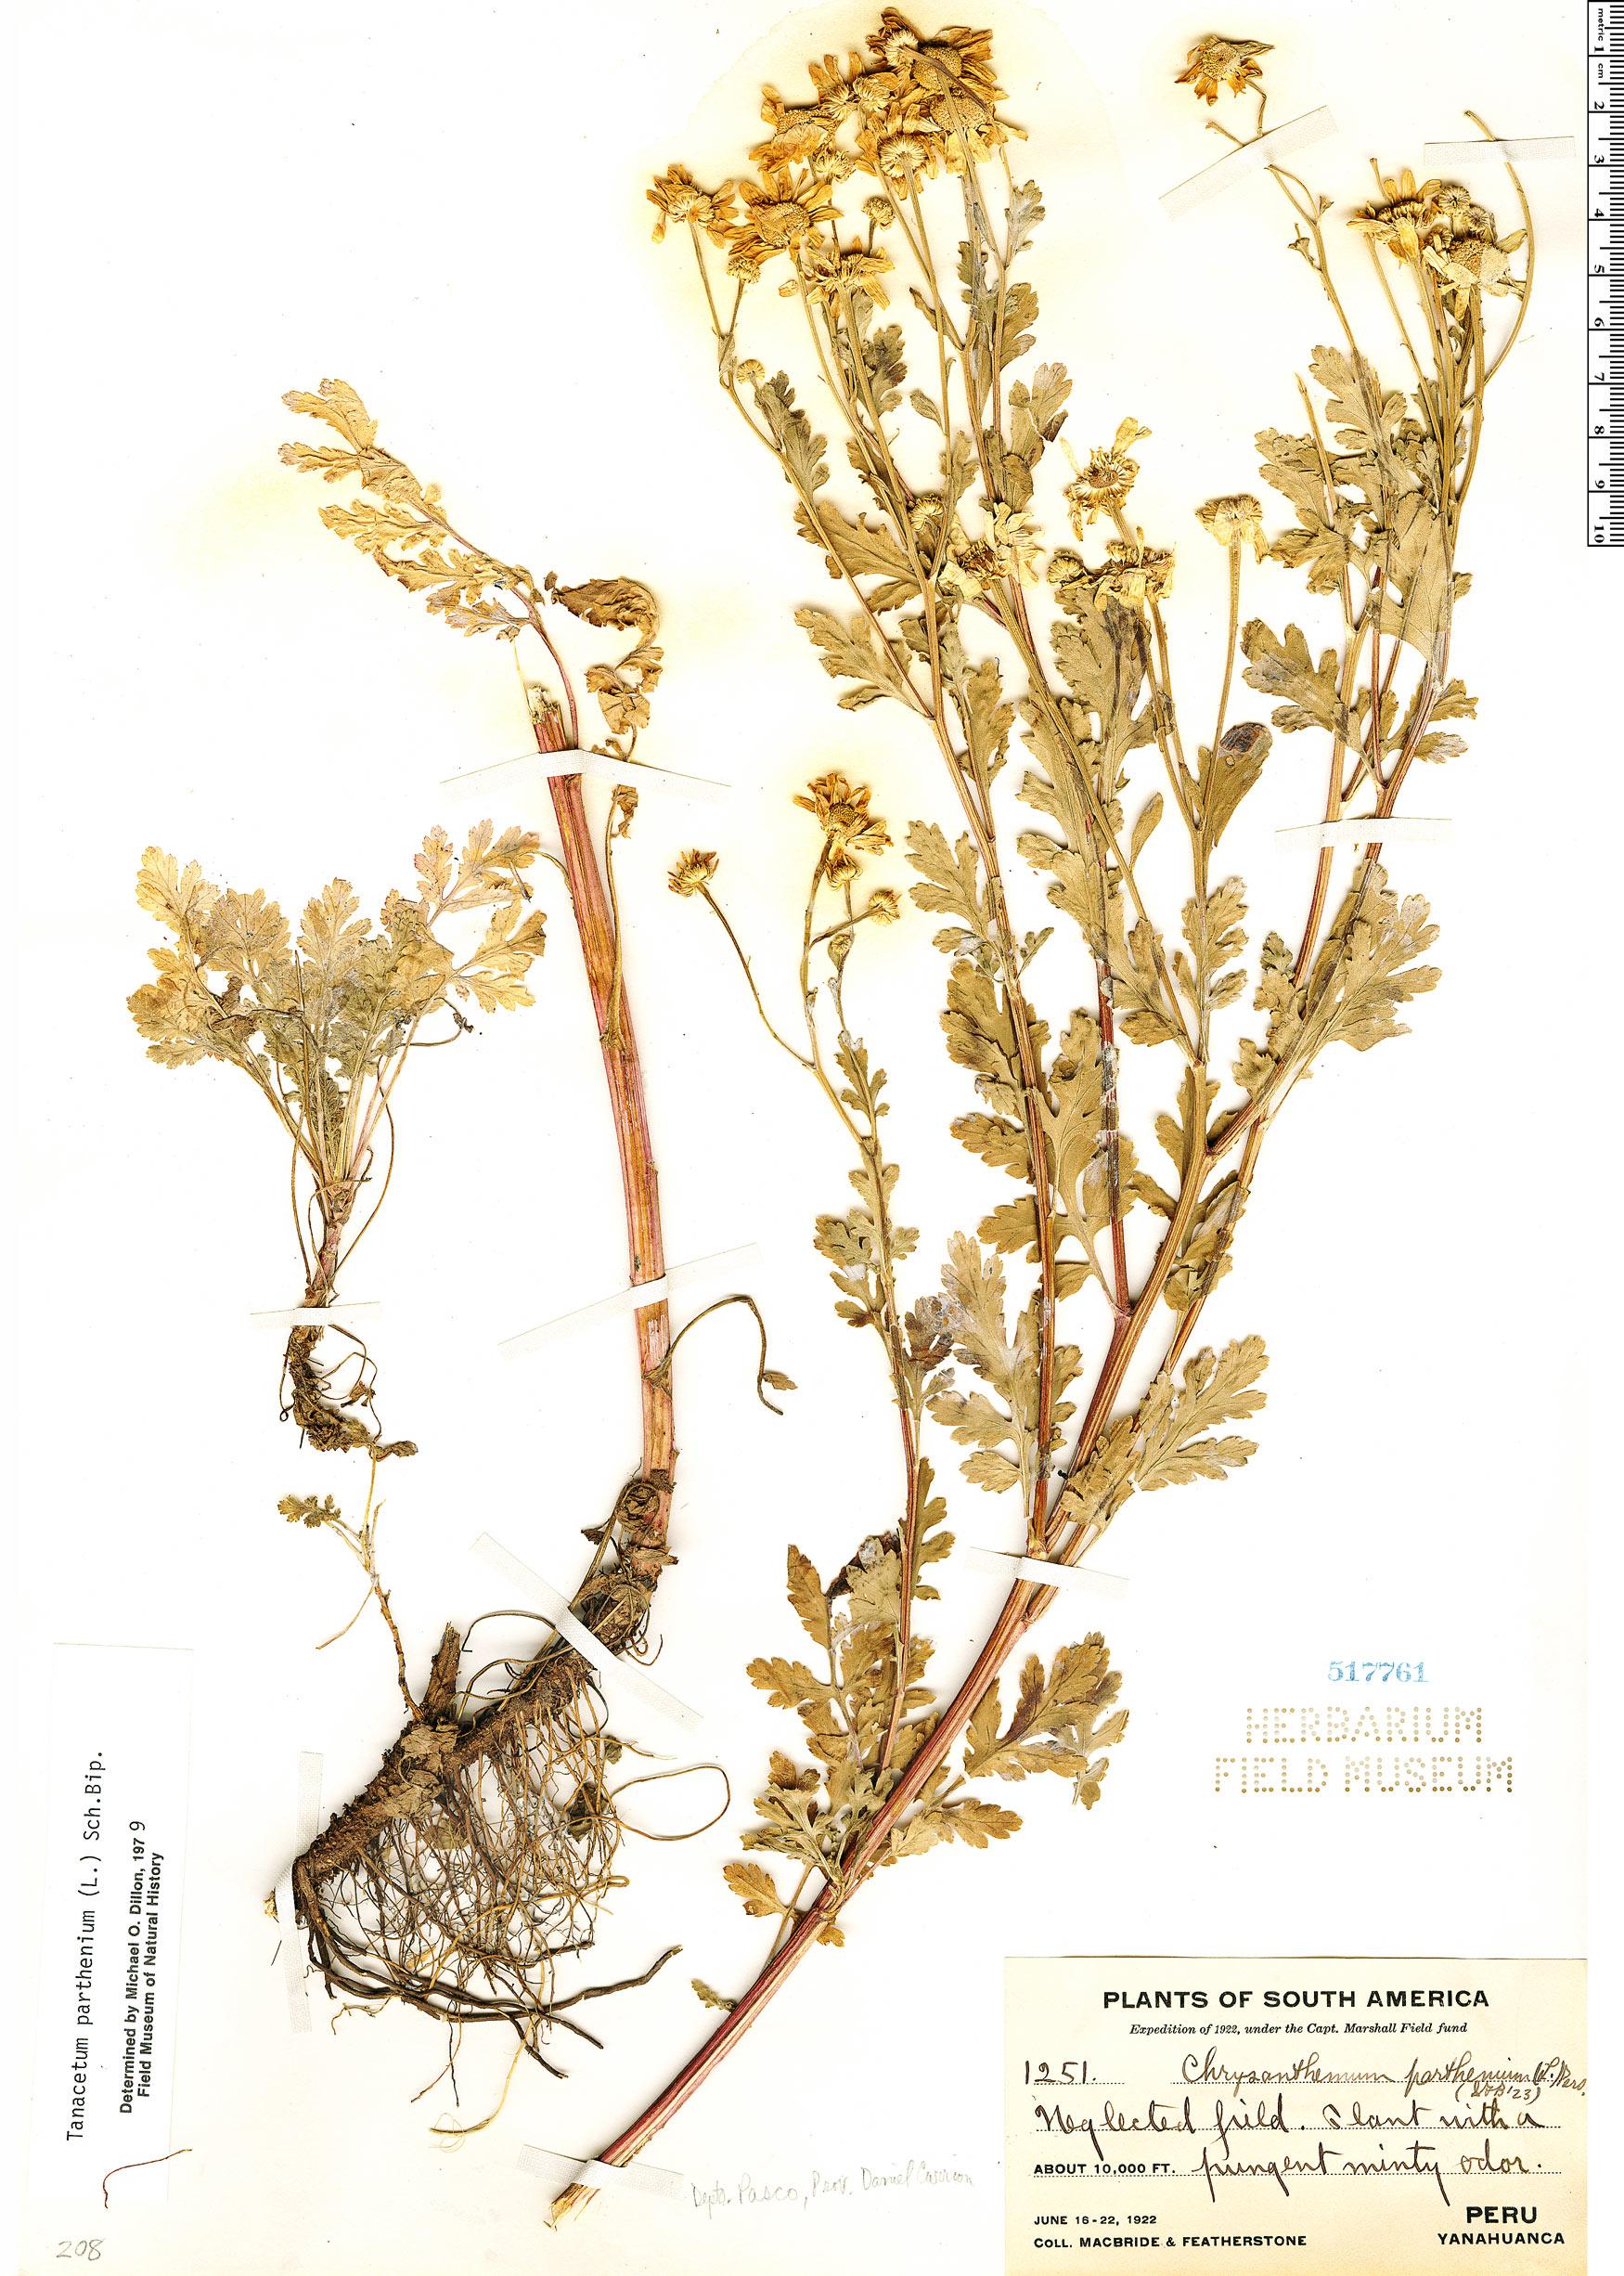 Specimen: Tanacetum parthenium